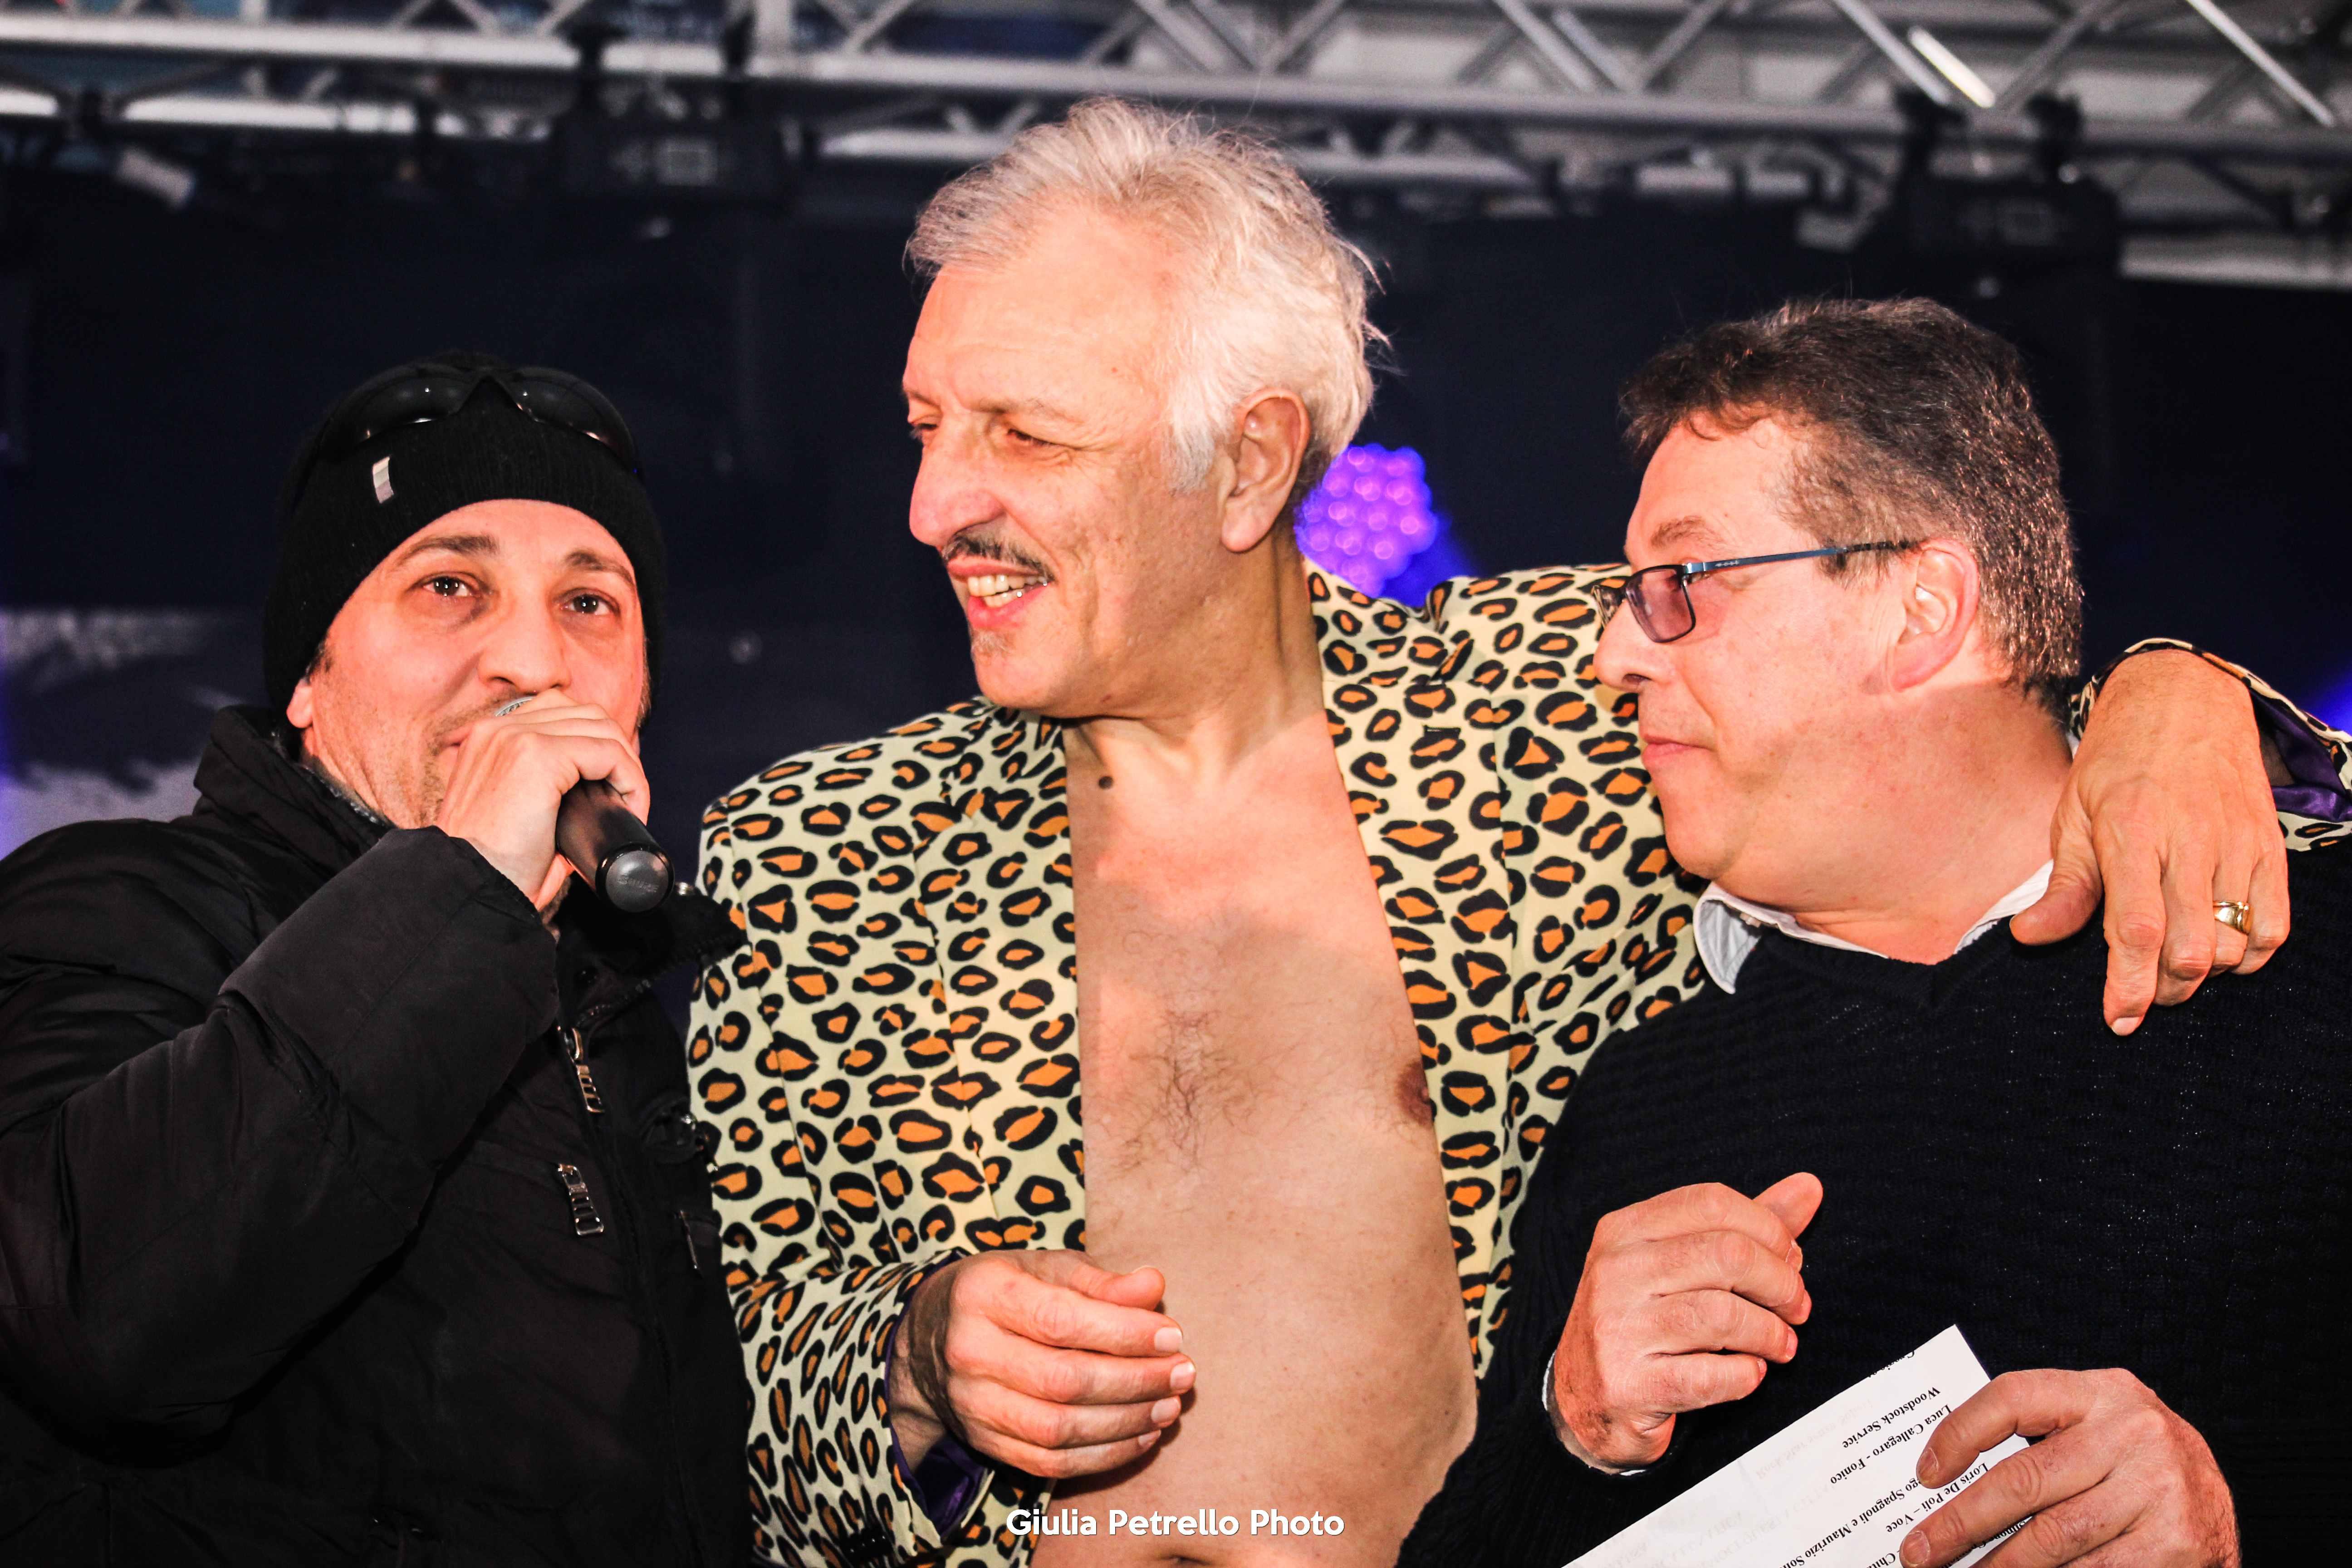 Rock Star & M. Solieri & D. Spagnoli